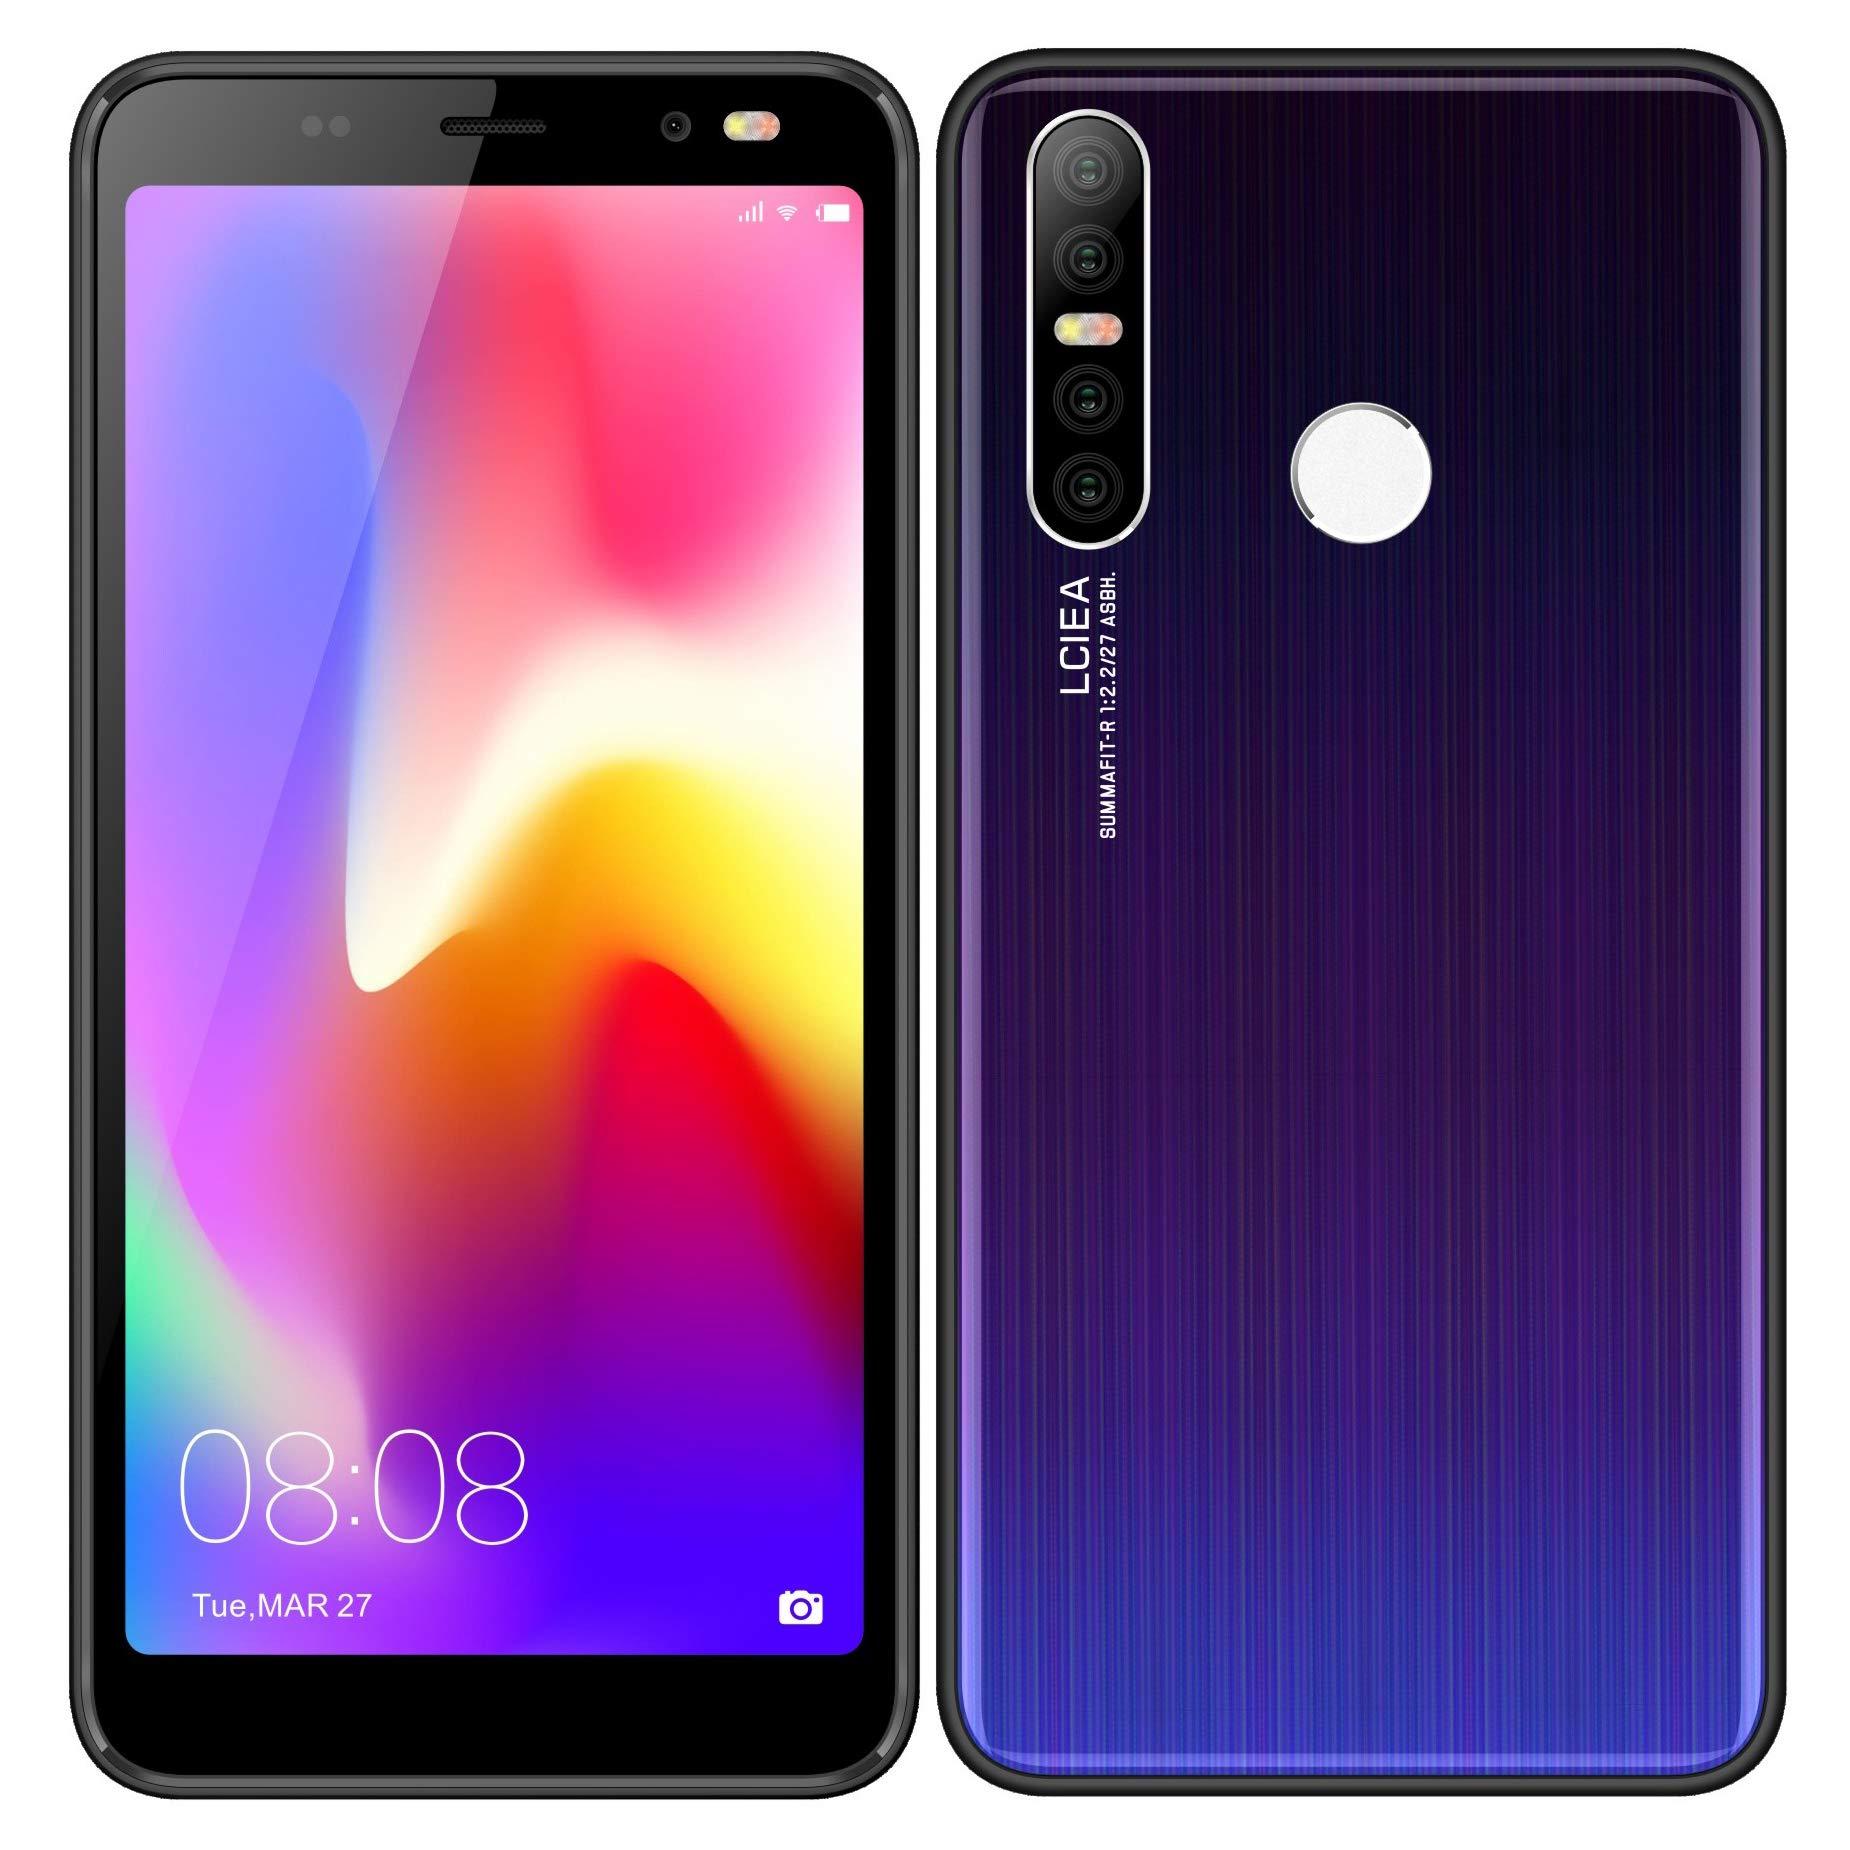 Móviles y Smartphones Libres, 5.0 Pulgadas Android GO Teléfono (5.0MP Cámara,Teléfonos binarios con Tarjeta Doble ,GPS,WiFi,Bluetooth) (P17-negro): Amazon.es: Electrónica